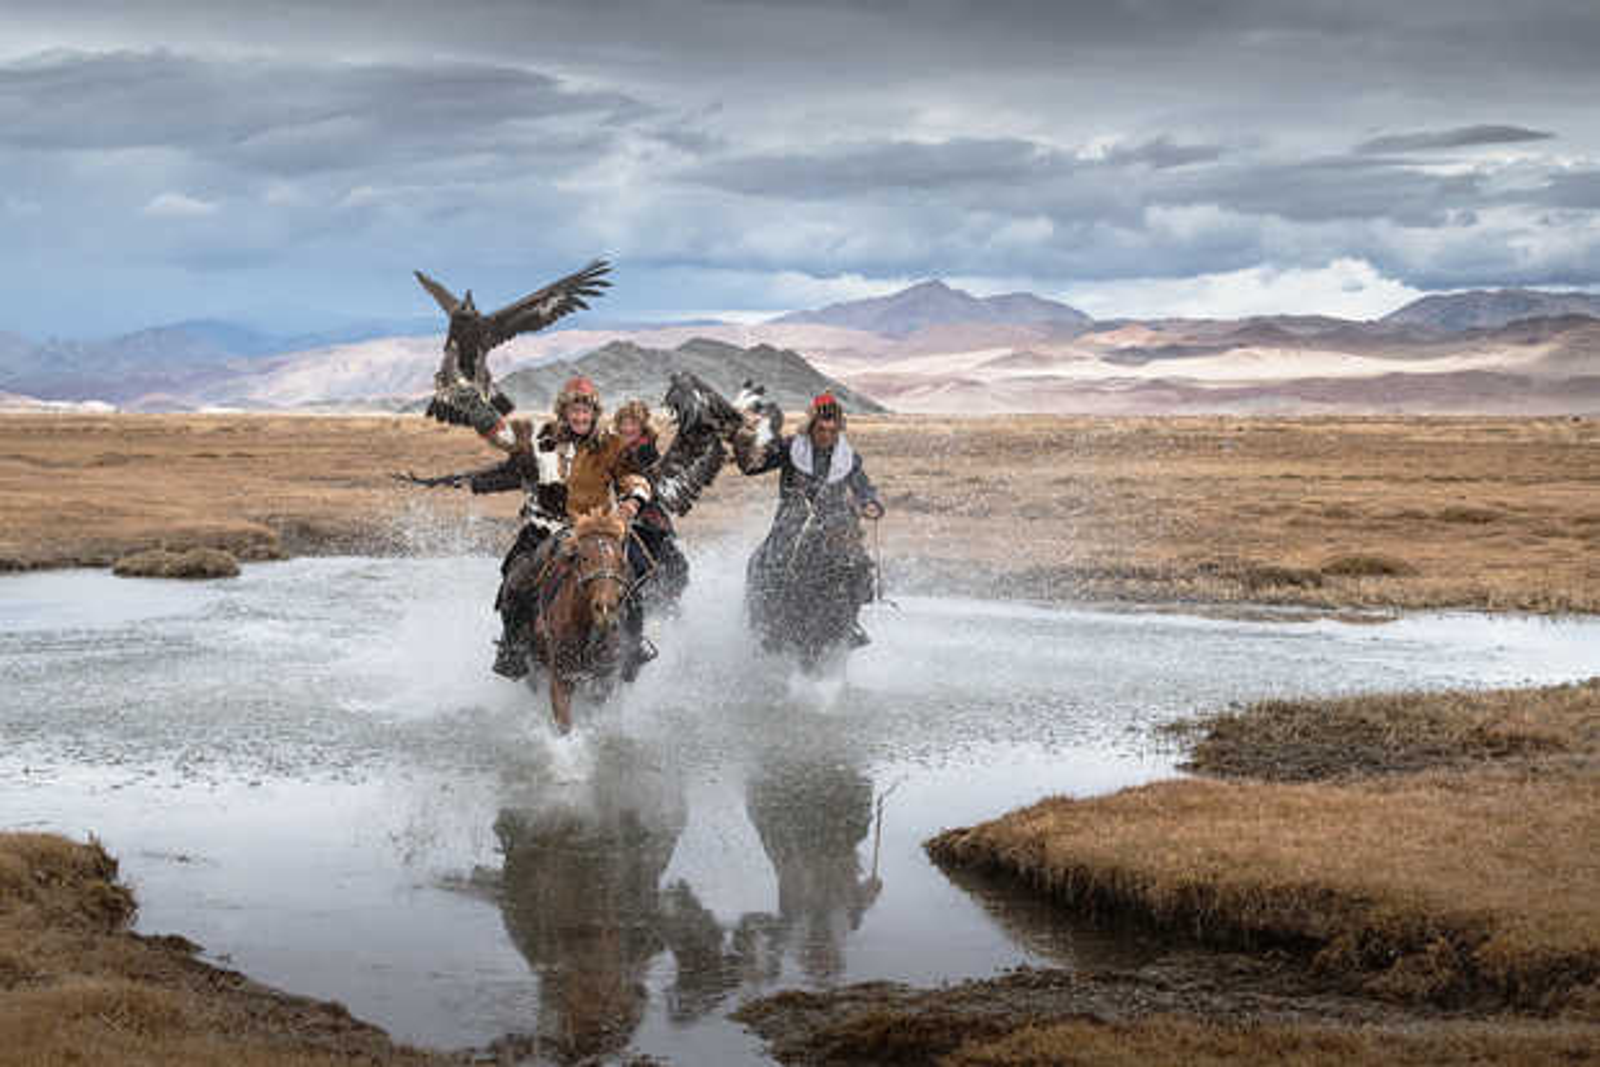 Mongolia Eagle Hunters III - Daniel Kordan